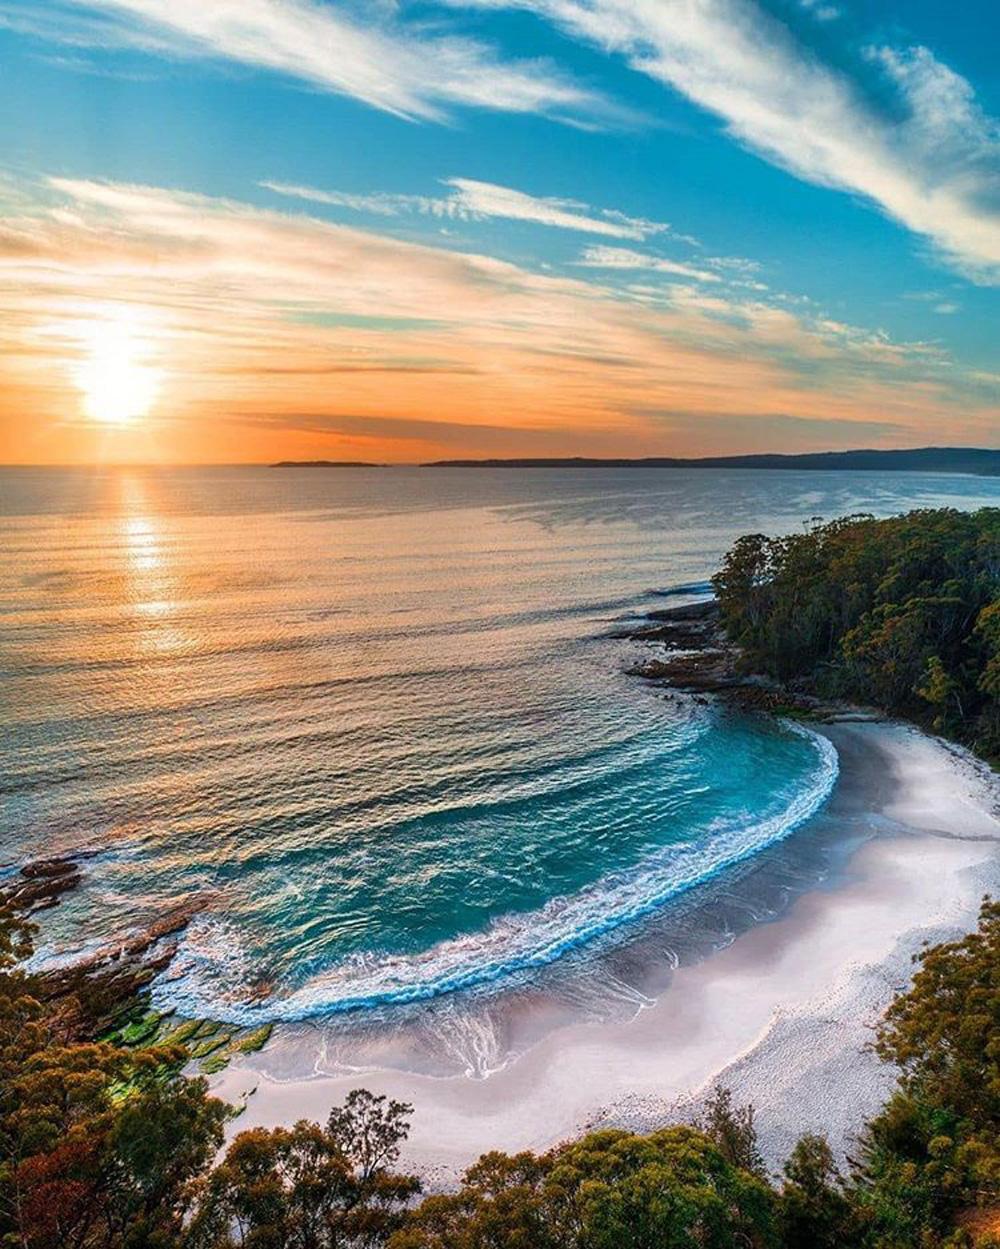 Ảnh: Tảo phát quang khiến bãi biển rực sáng vào ban đêm - Ảnh 2.